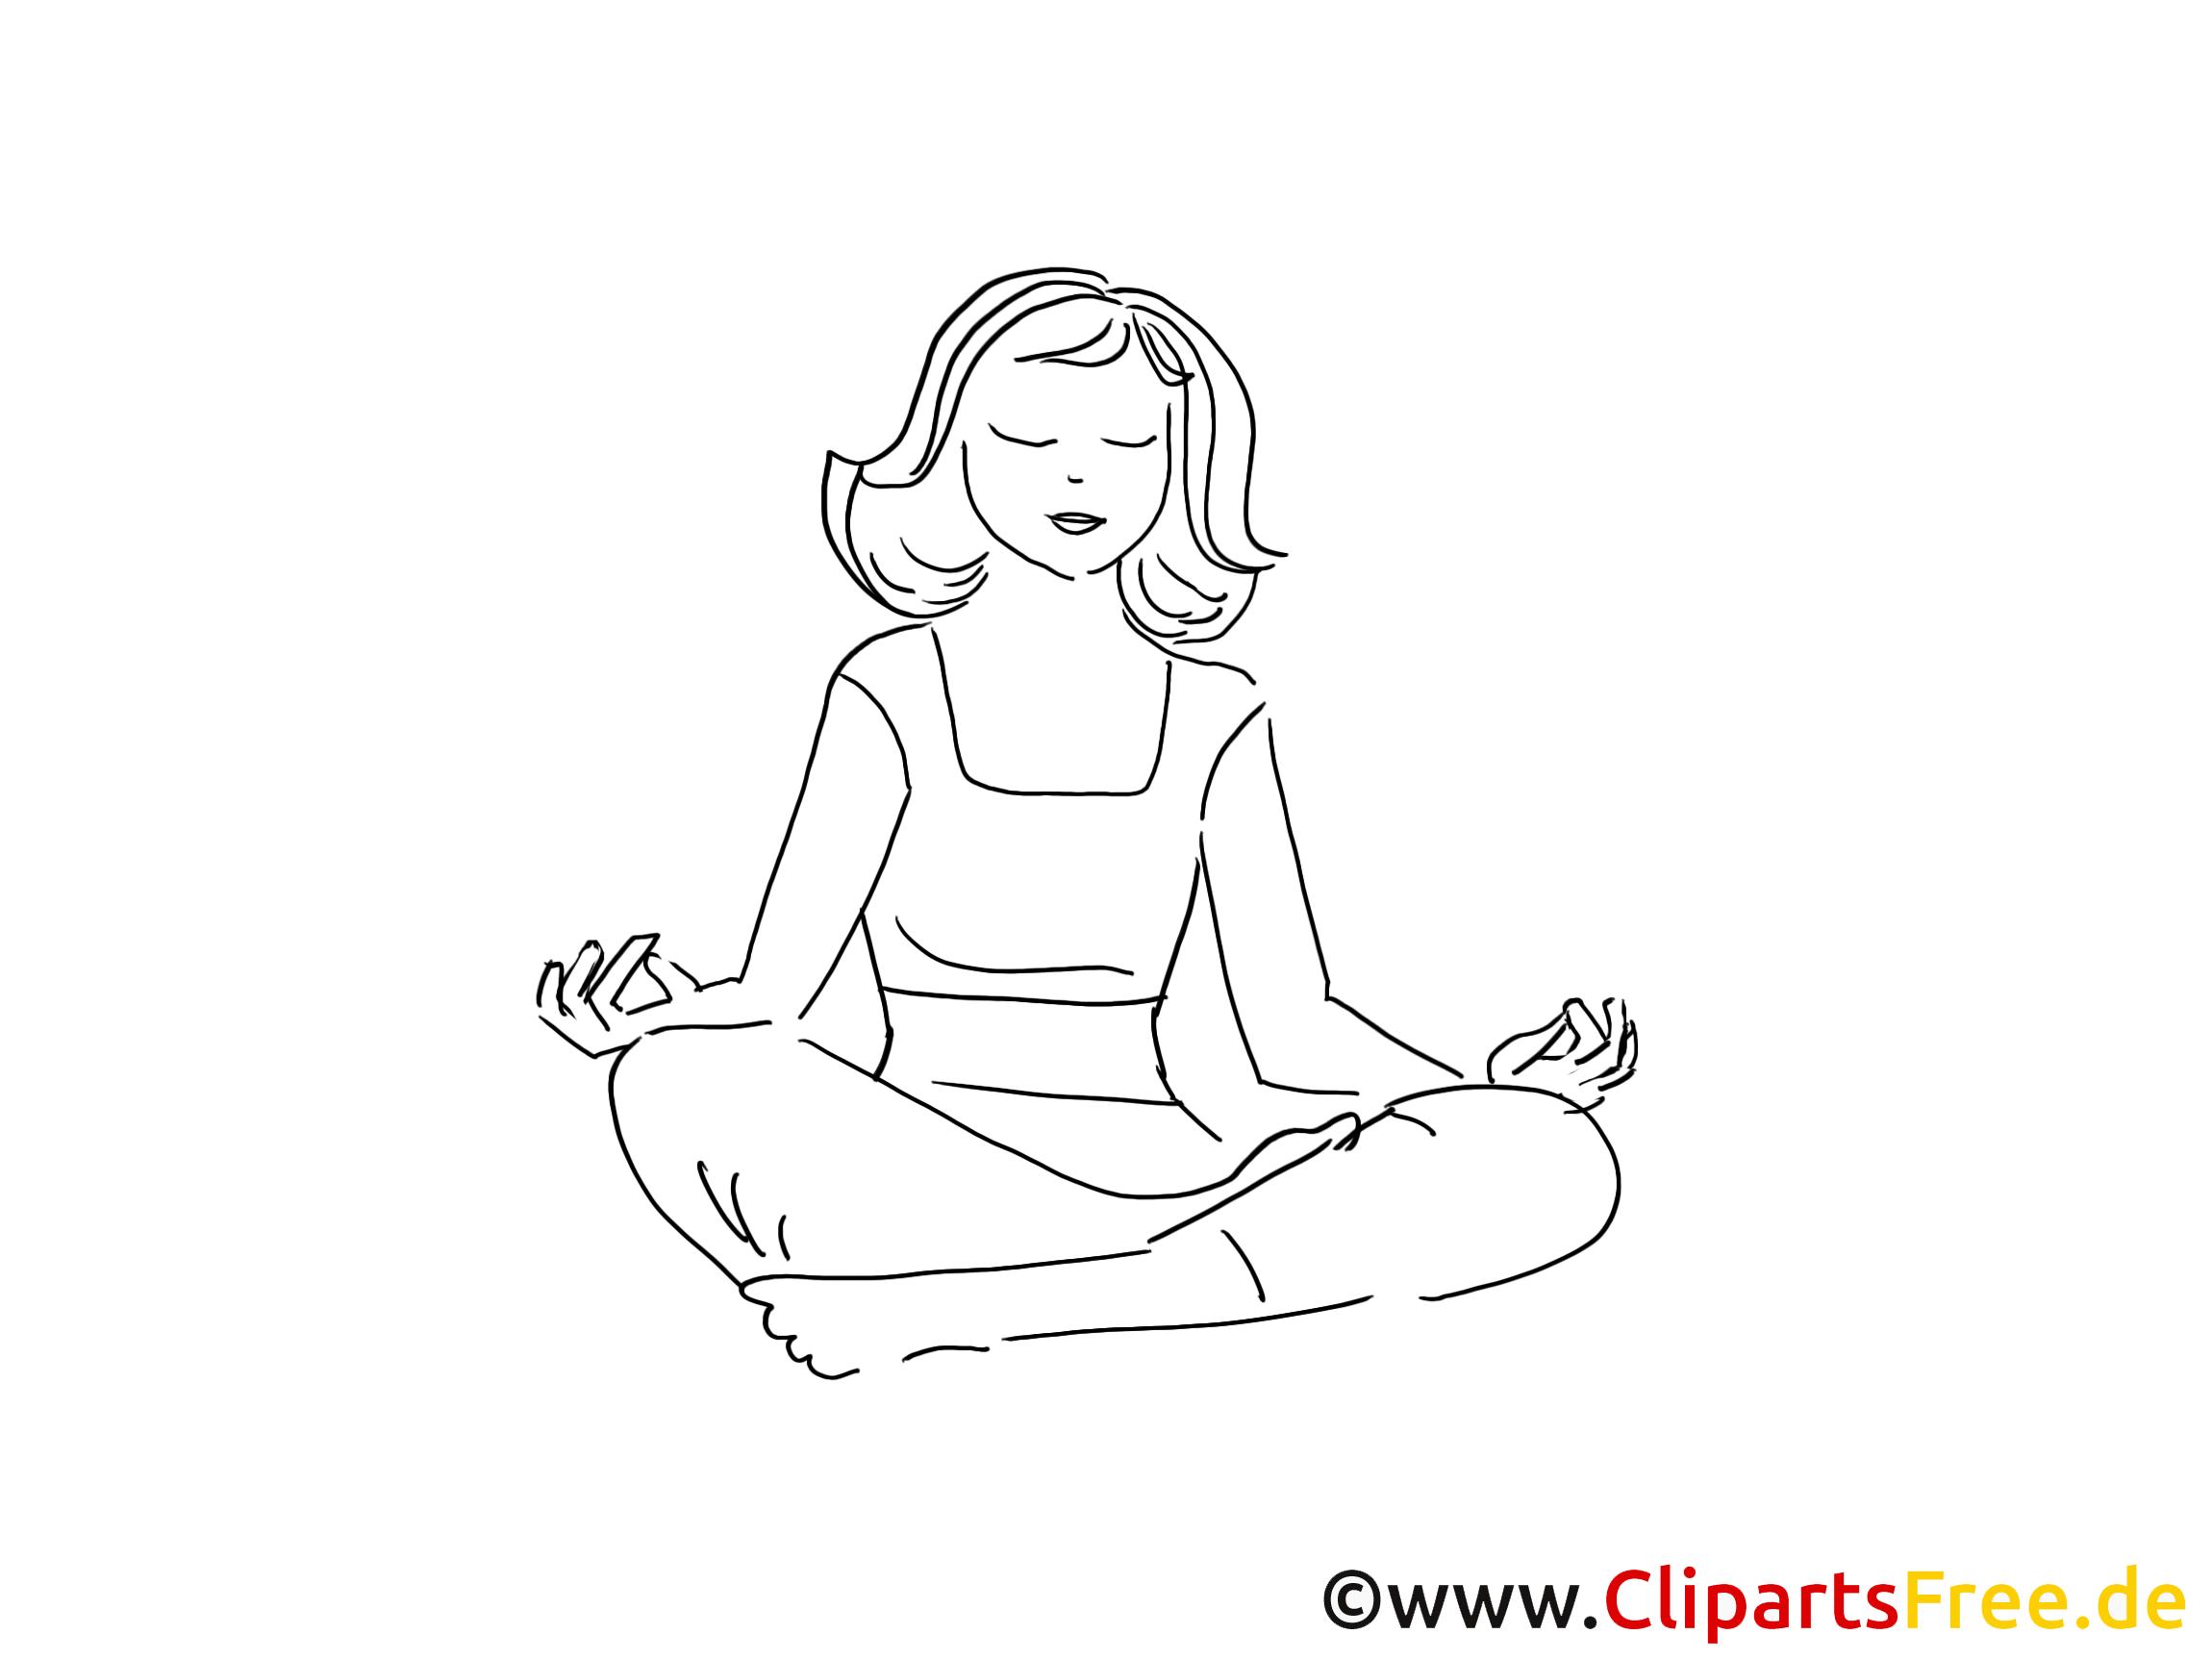 Frau macht Yoga Zeichnung, Clipart, Bild schwarz-weiss, Grafik ...